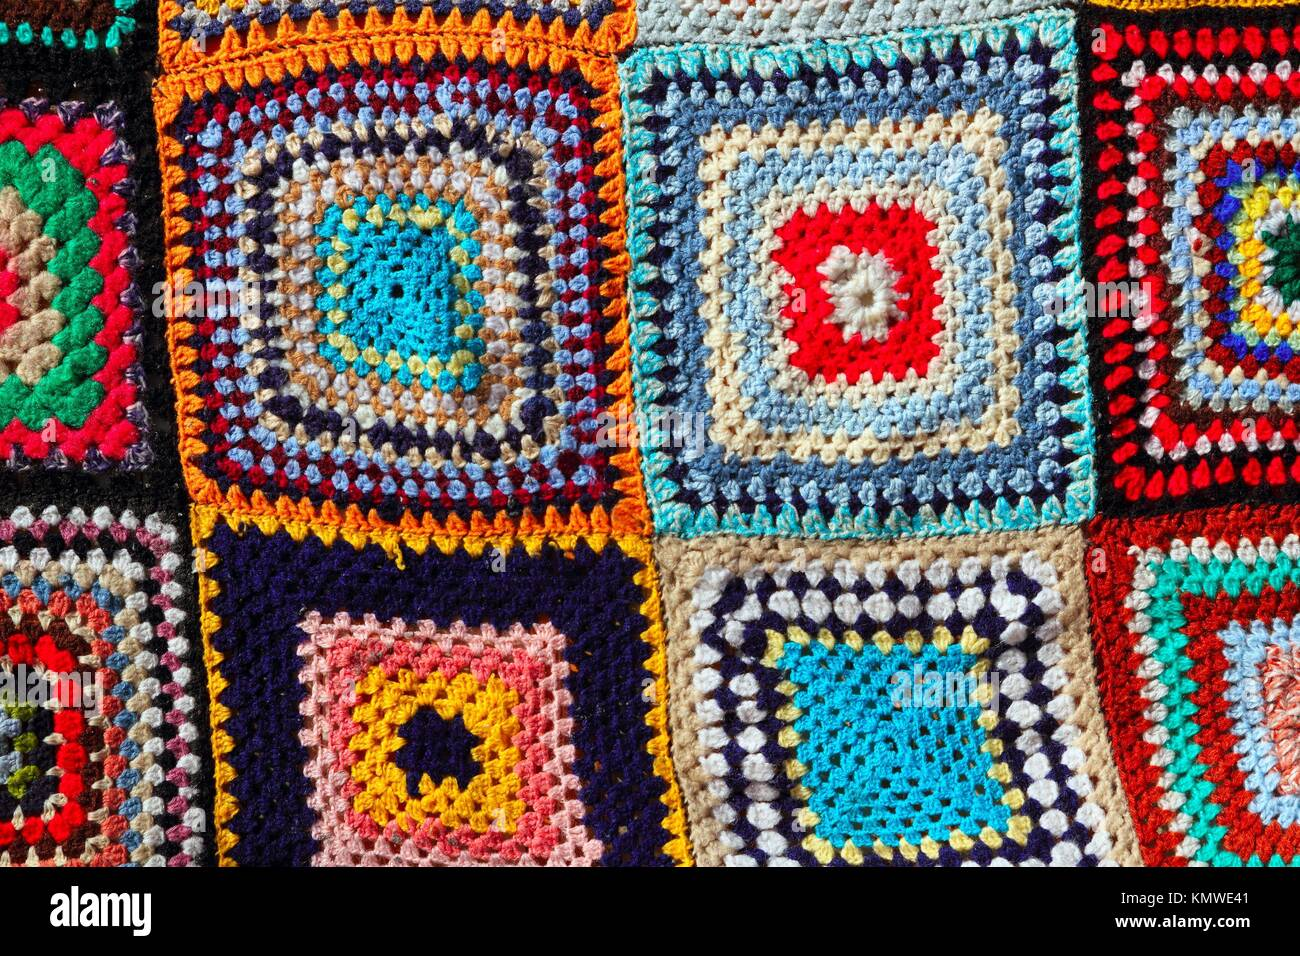 Patchwork Bunte Muster Handwerk Stoff Decke Häkeln Stockfoto Bild